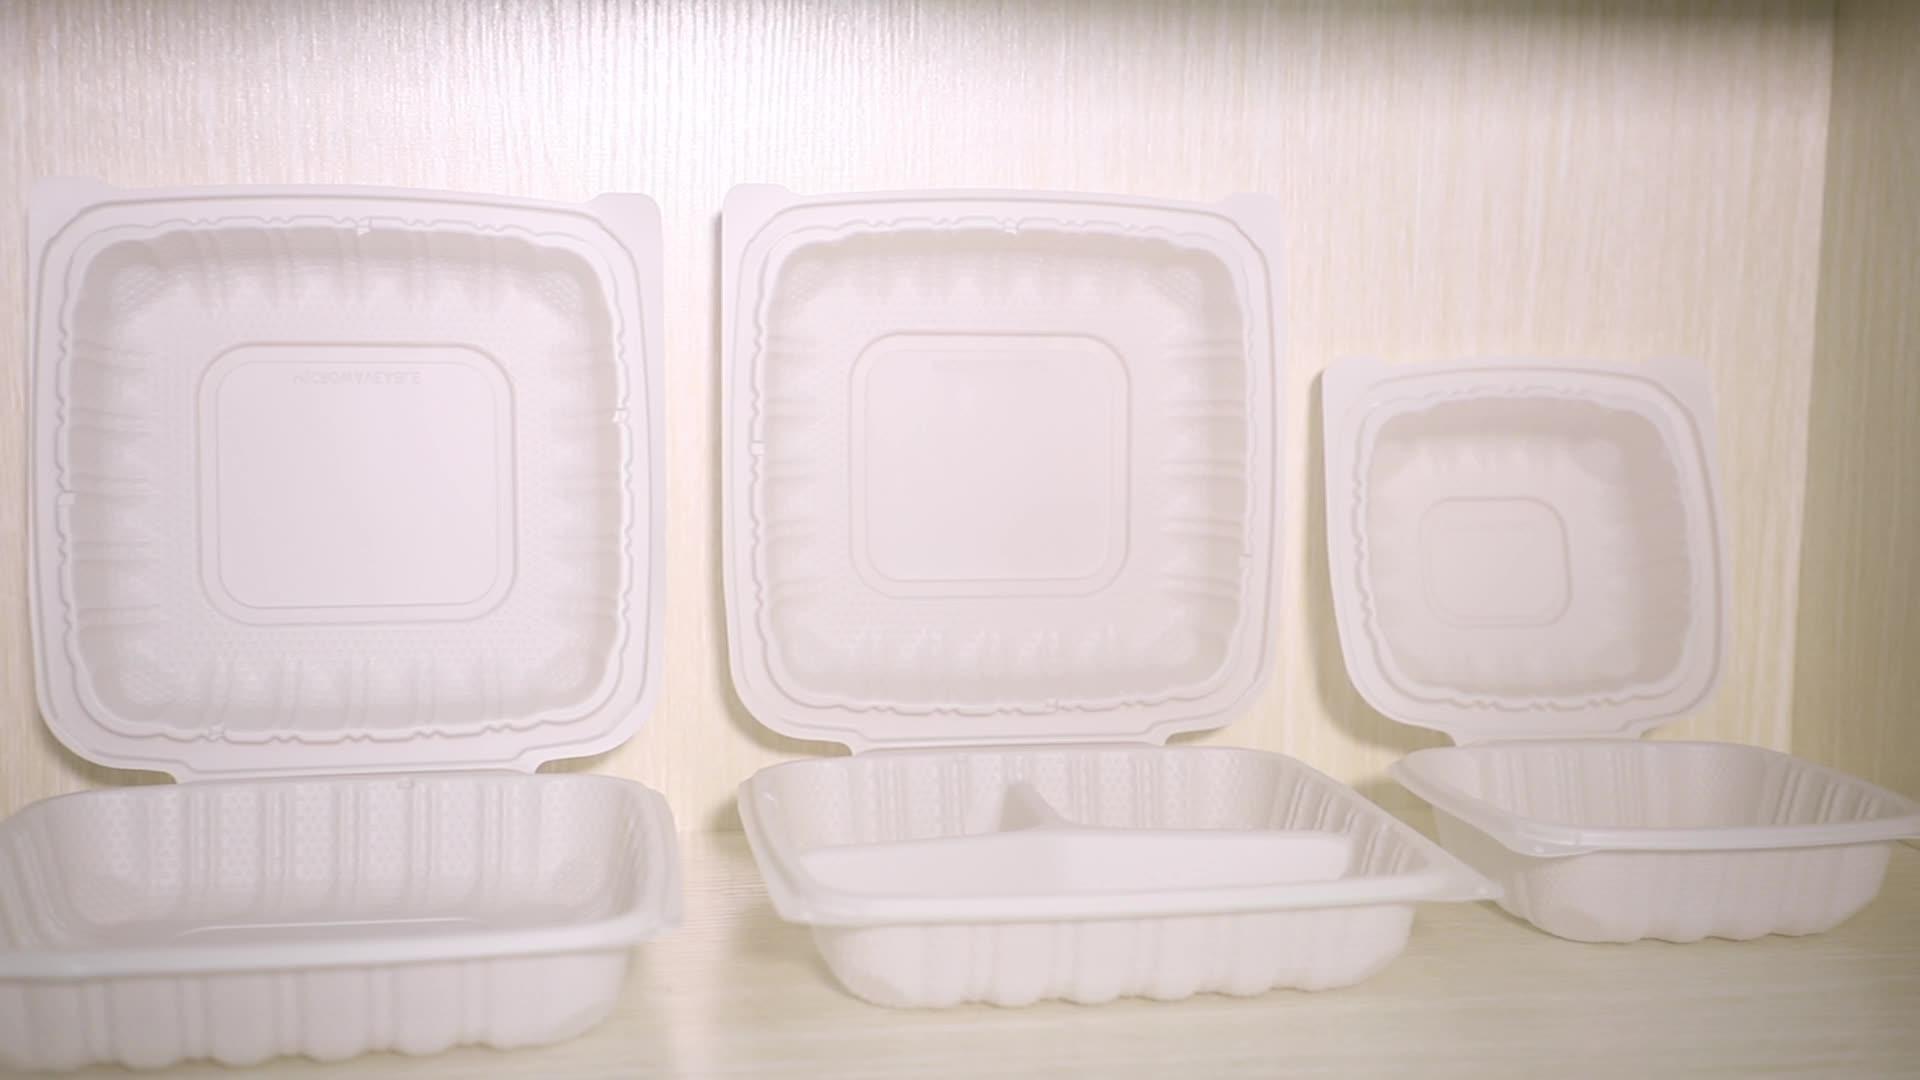 8-इंच 3-डिब्बे सफेद hinged डिस्पोजेबल प्लास्टिक stackable दोपहर के भोजन के बॉक्स/takeaway खाद्य कंटेनर